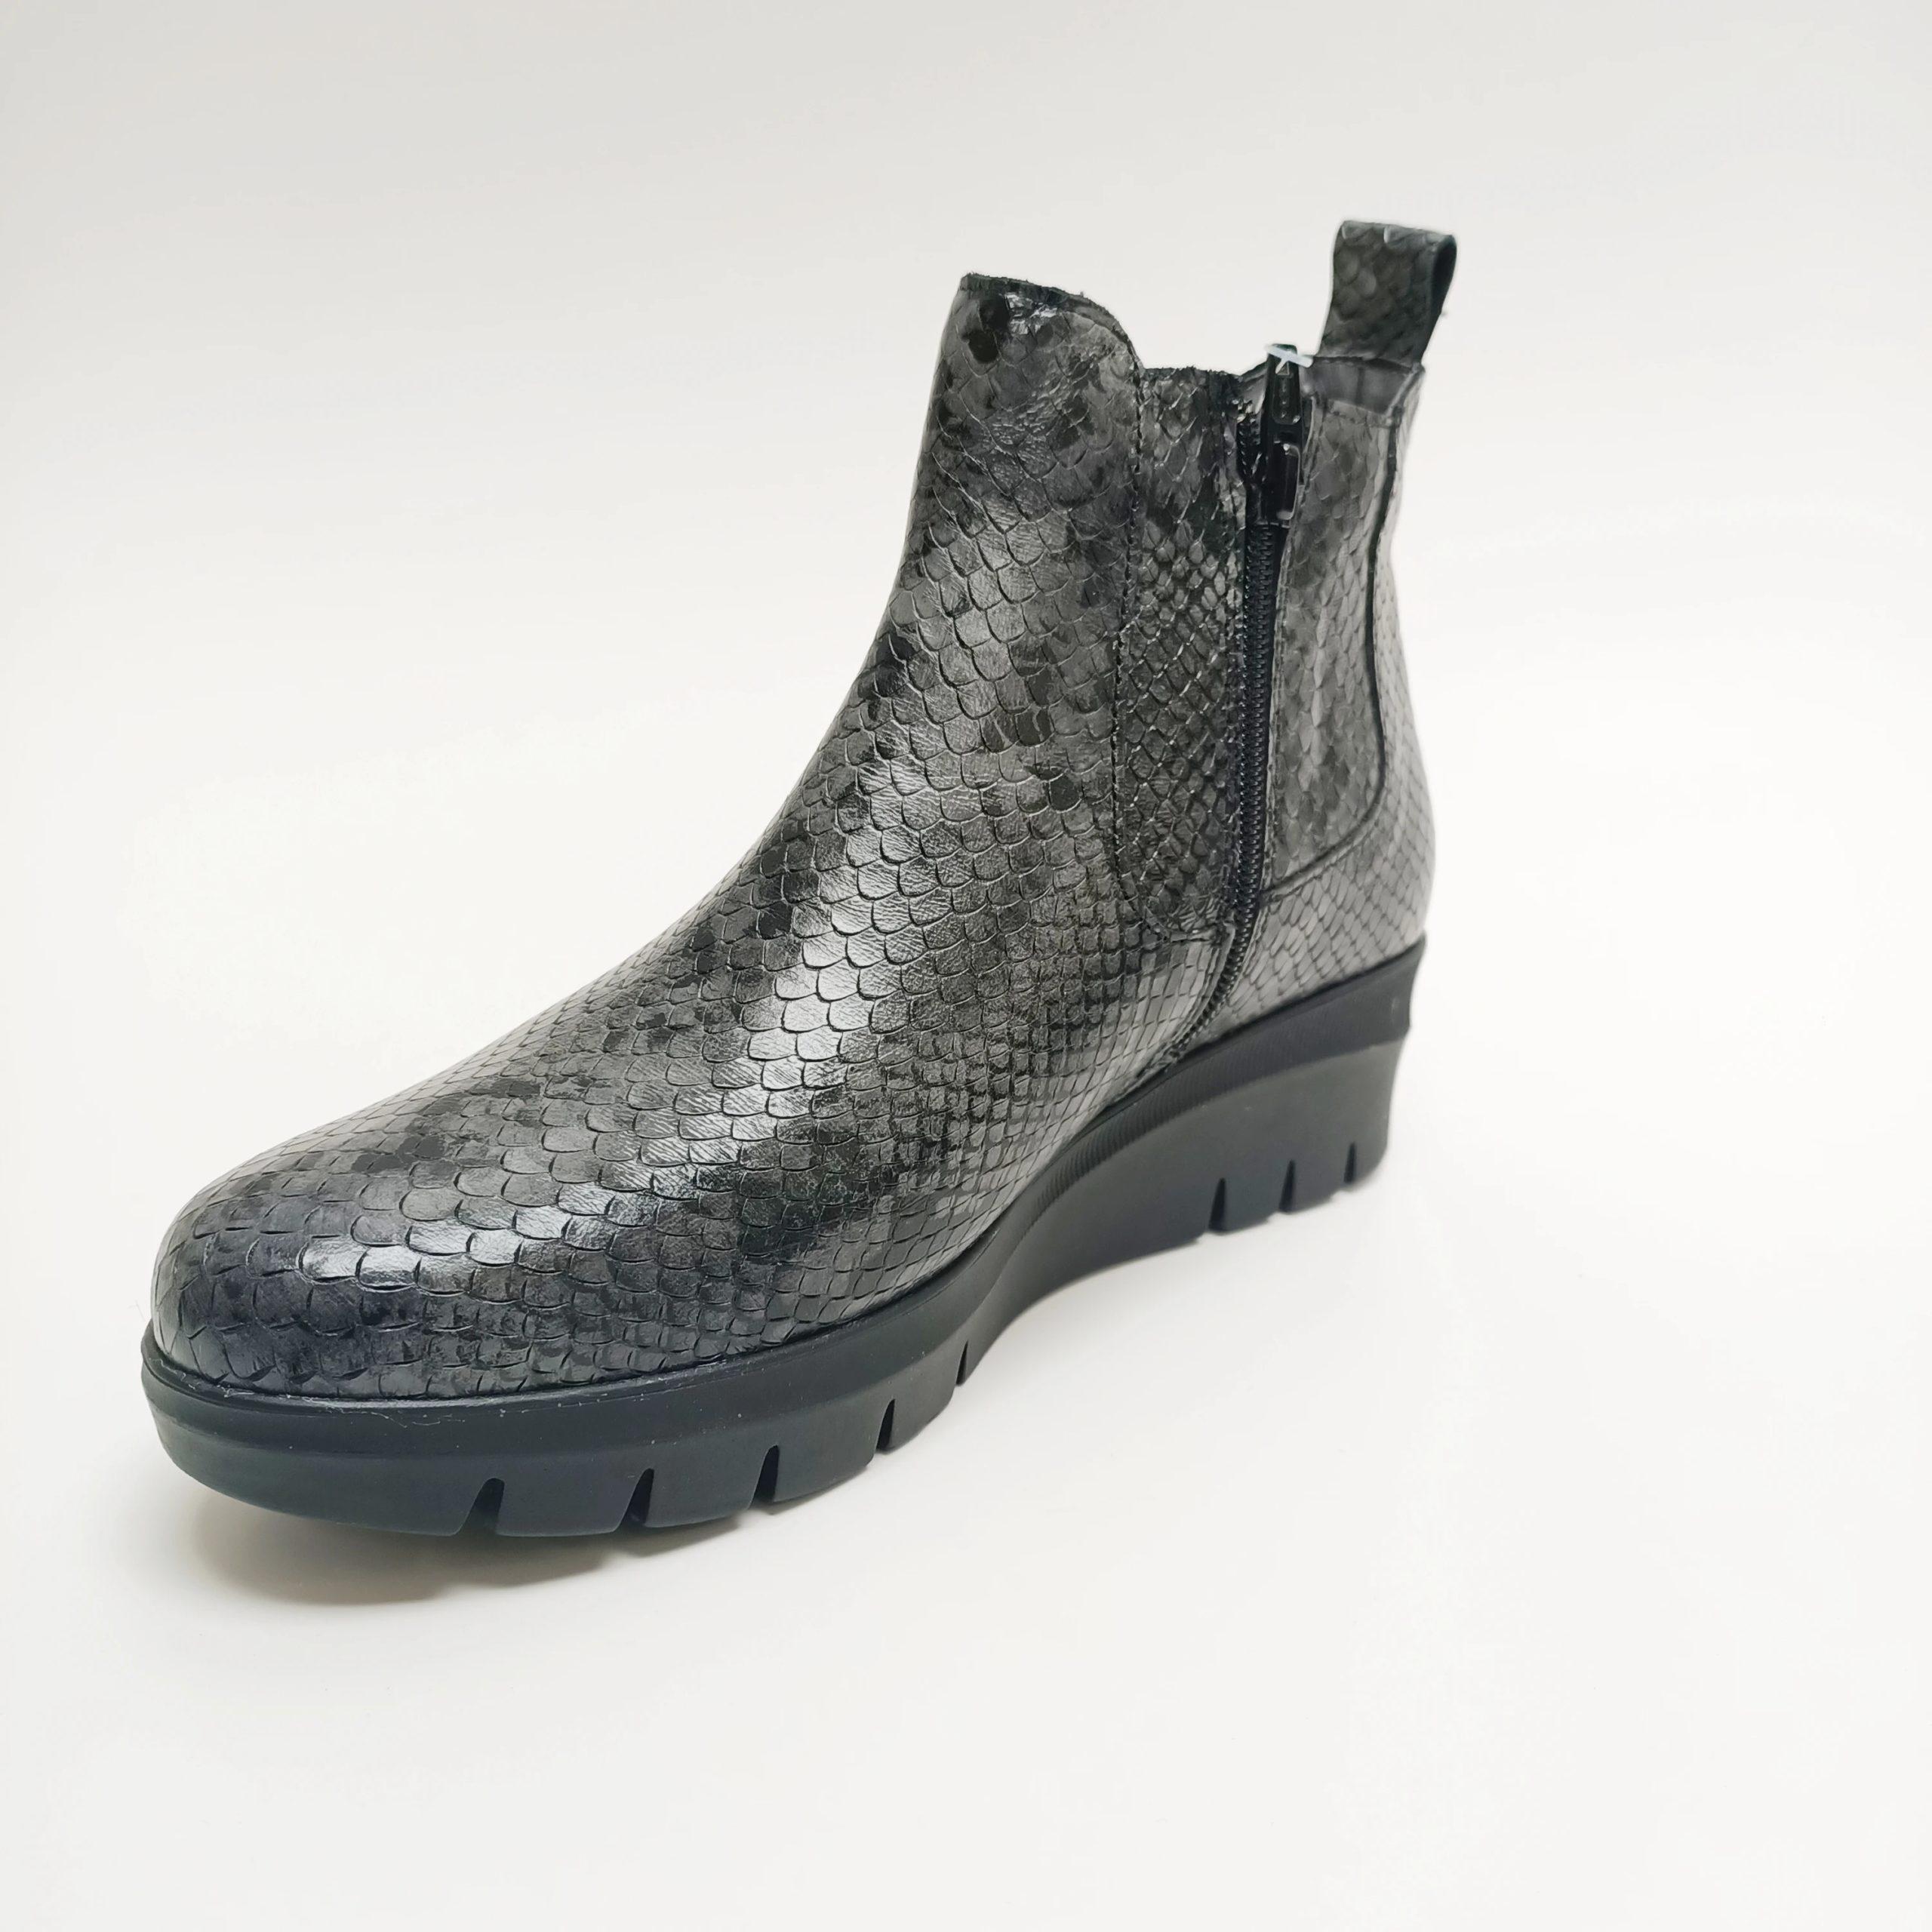 6455 - Black/Grey - Pitillos